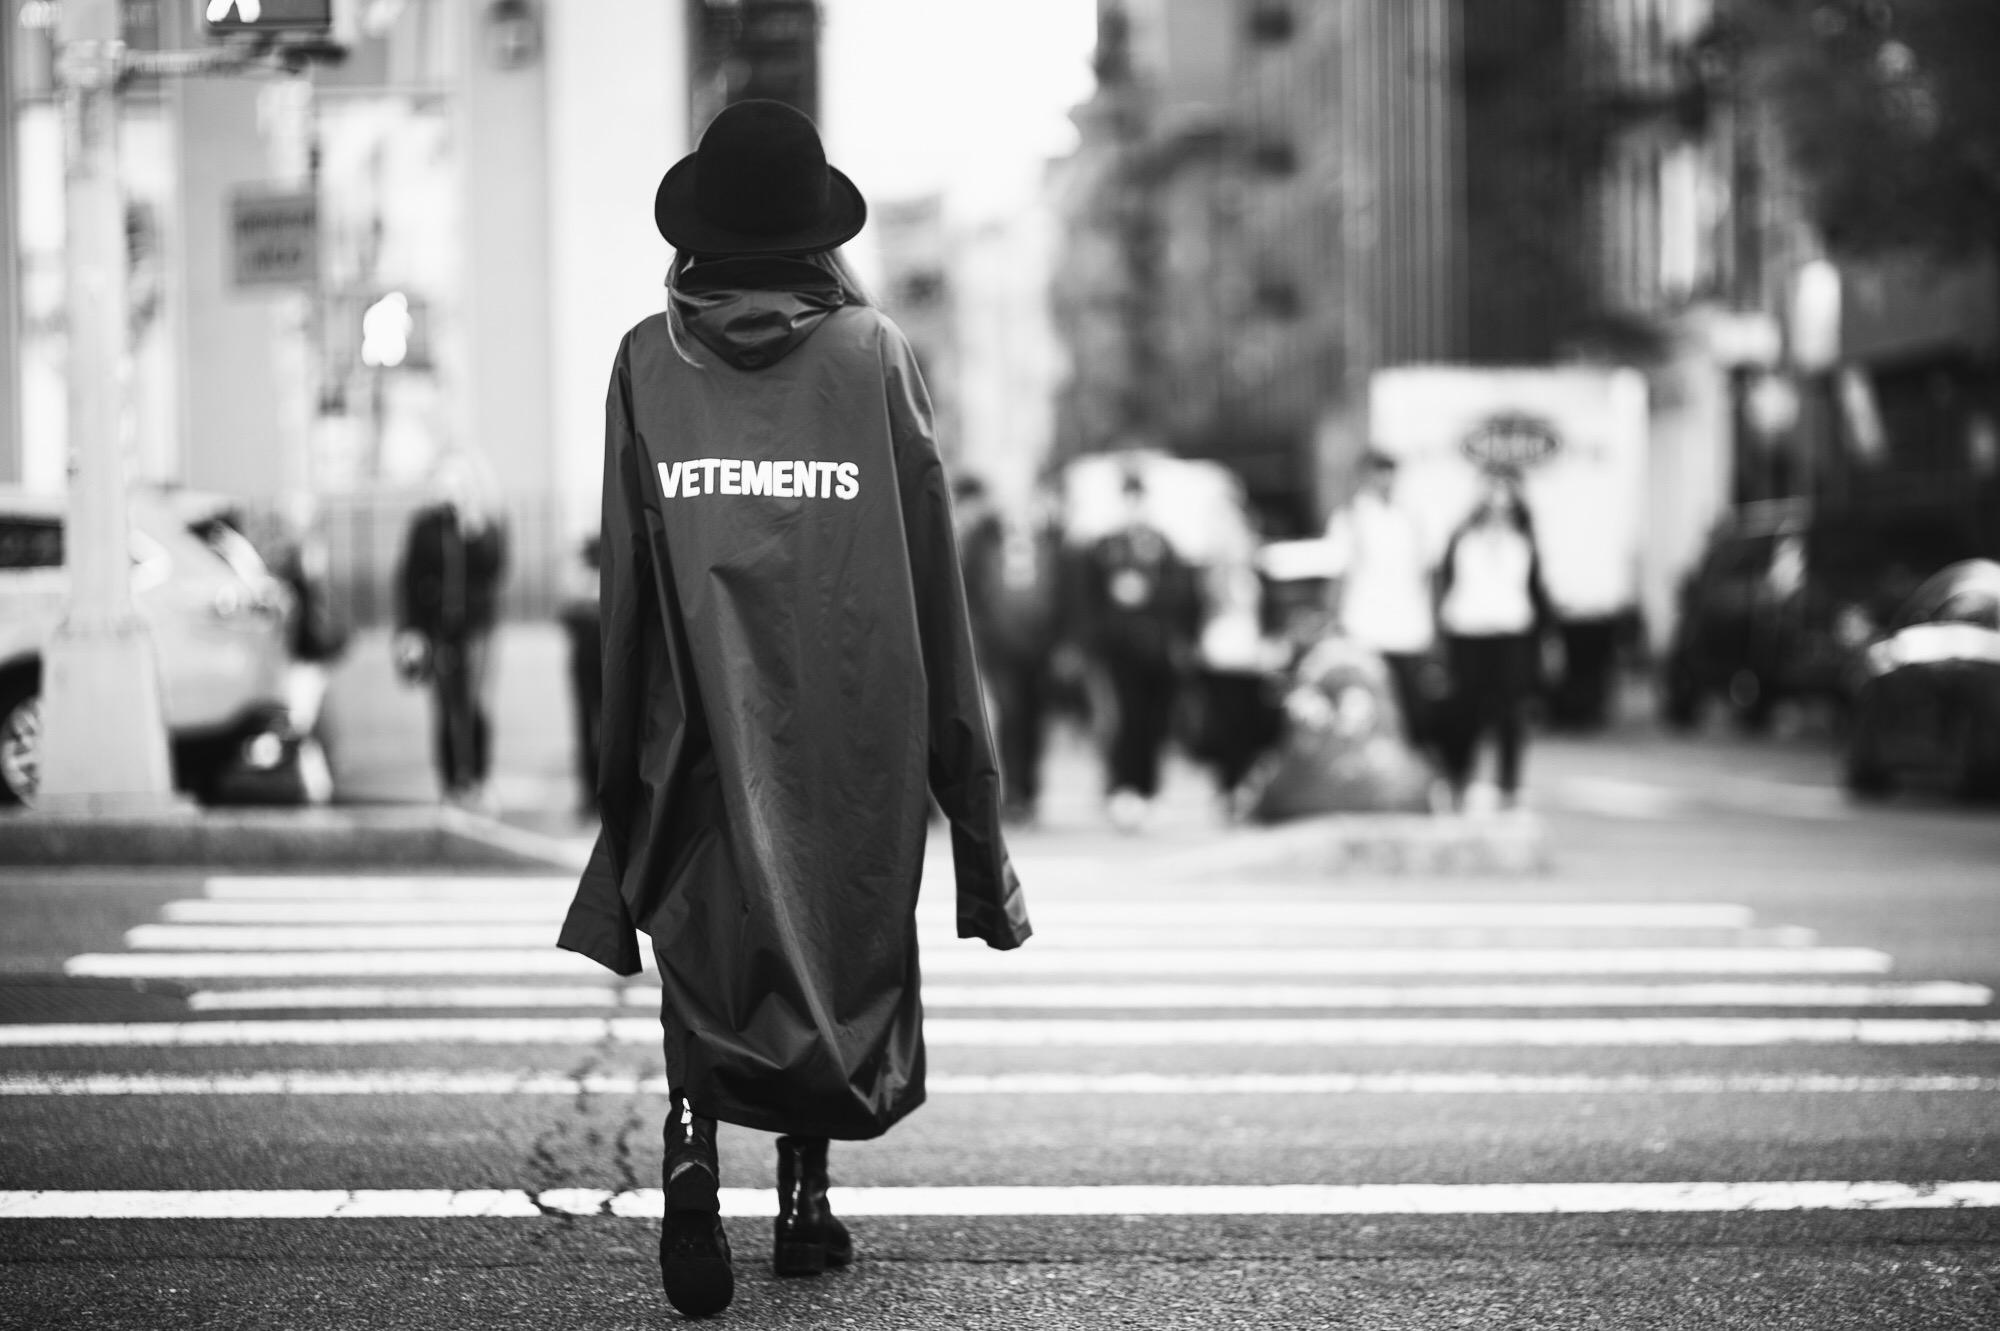 ロン毛と坊主とニューヨーク ファッション 変化 VETEMENTS